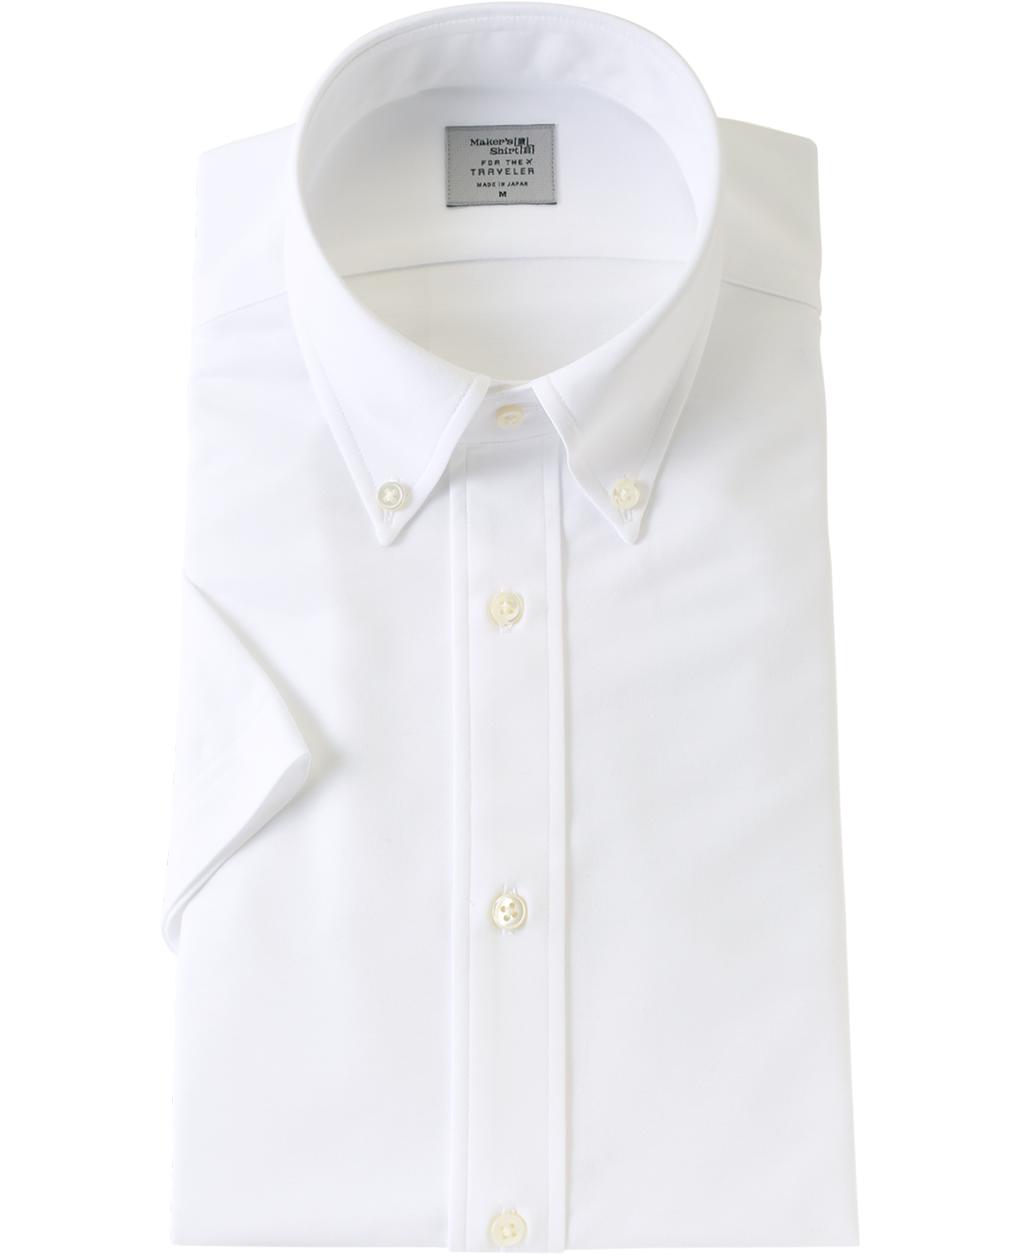 夏場は特に人気なボタンダウンカラーの半袖シャツです。